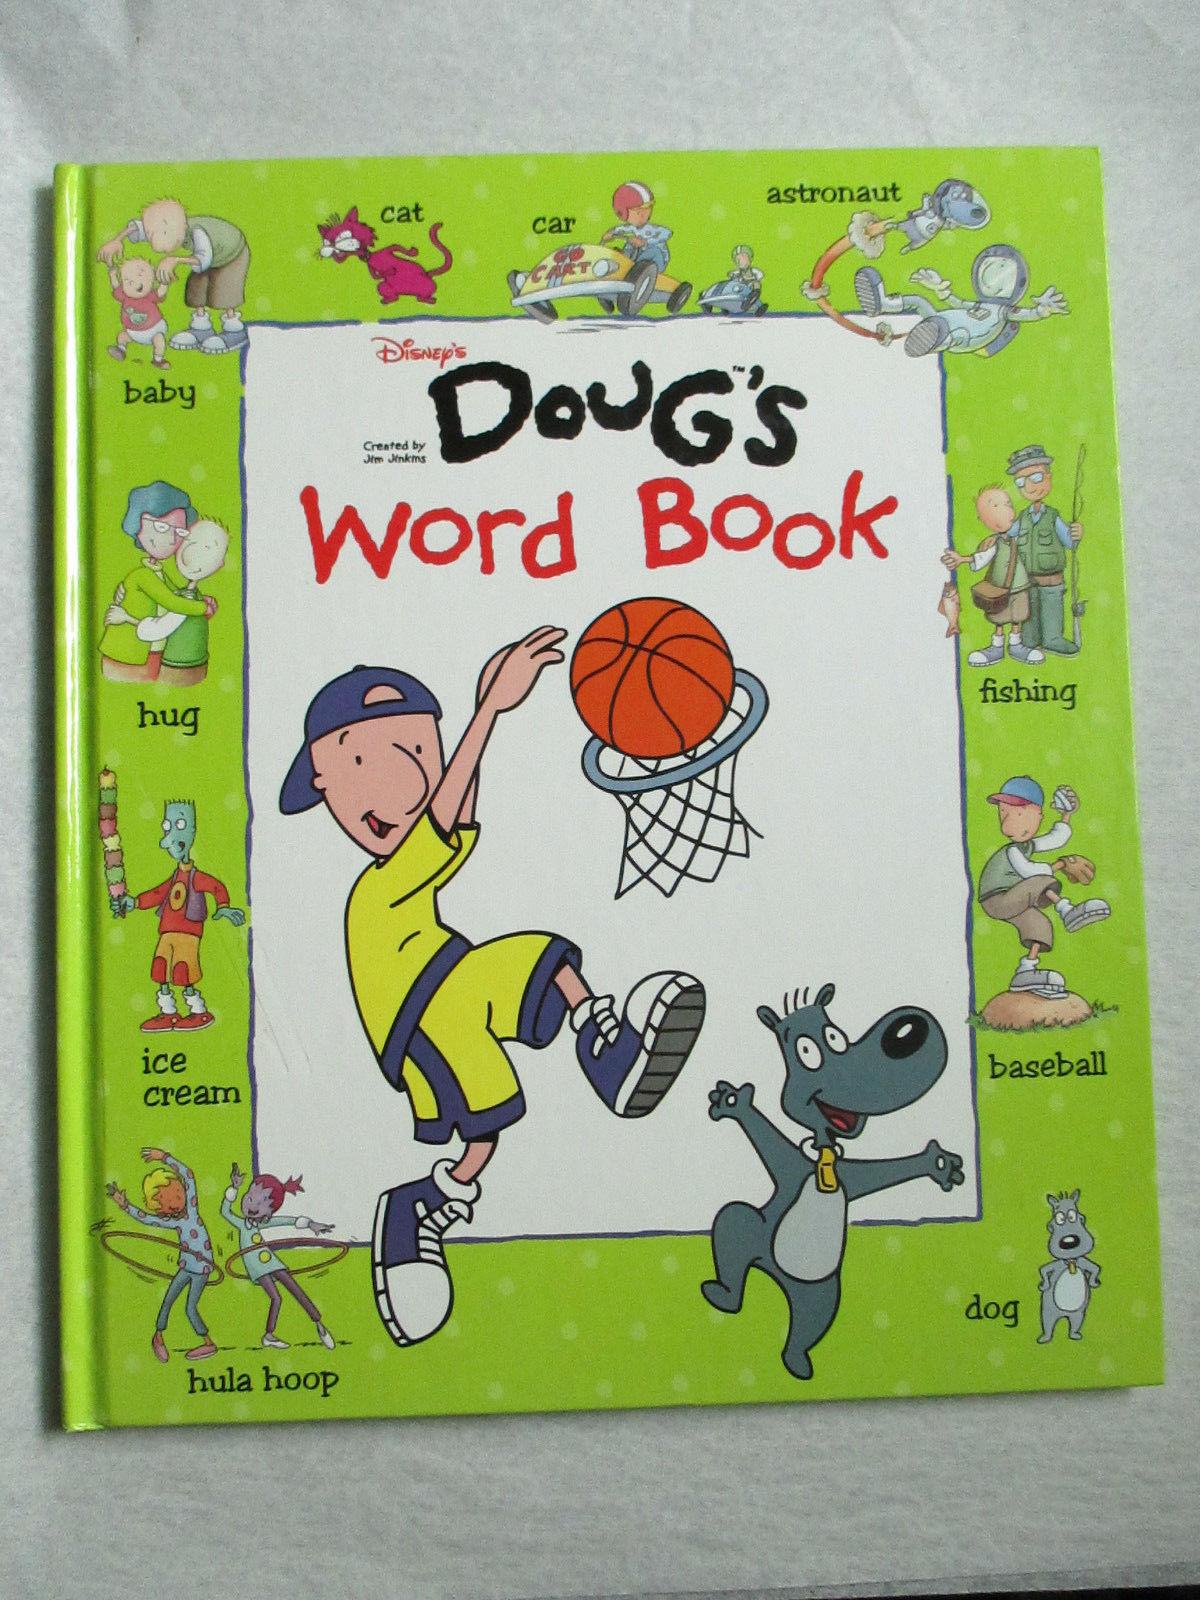 Disney's Doug's Word Book